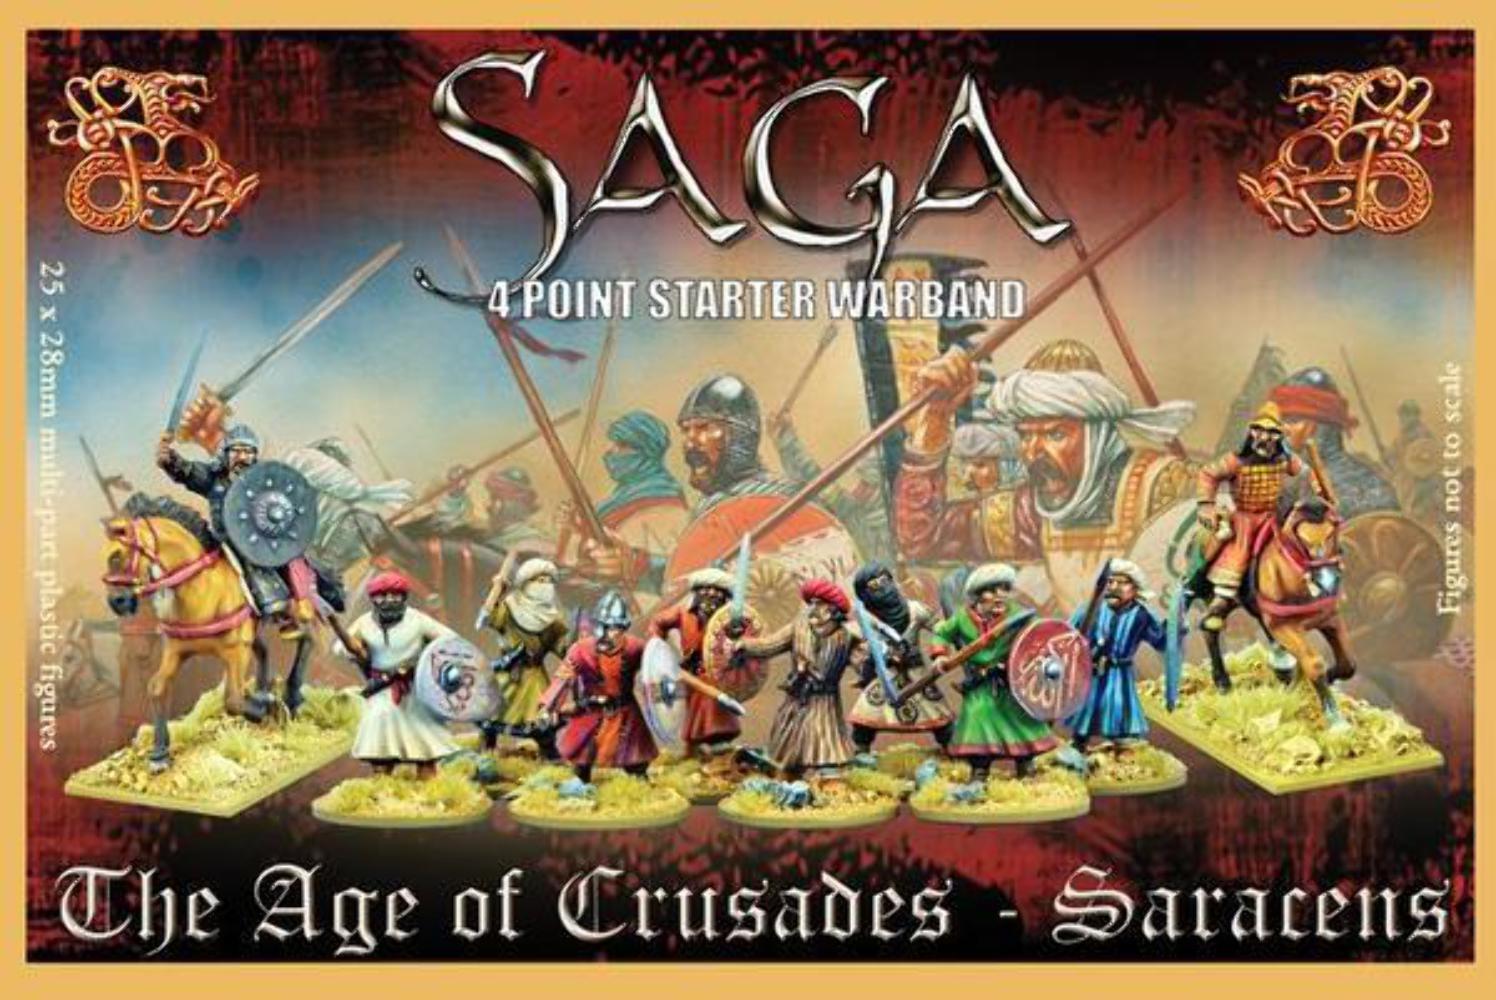 SAGA Saracen Starter Warband (4 points)